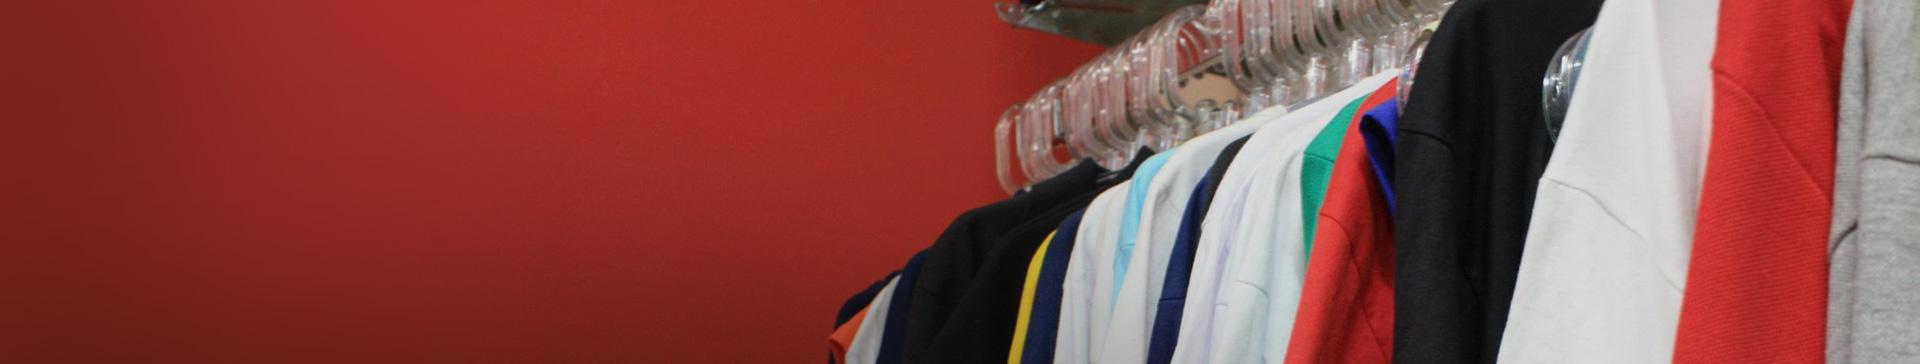 banner-lojas | Camisetas no atacado